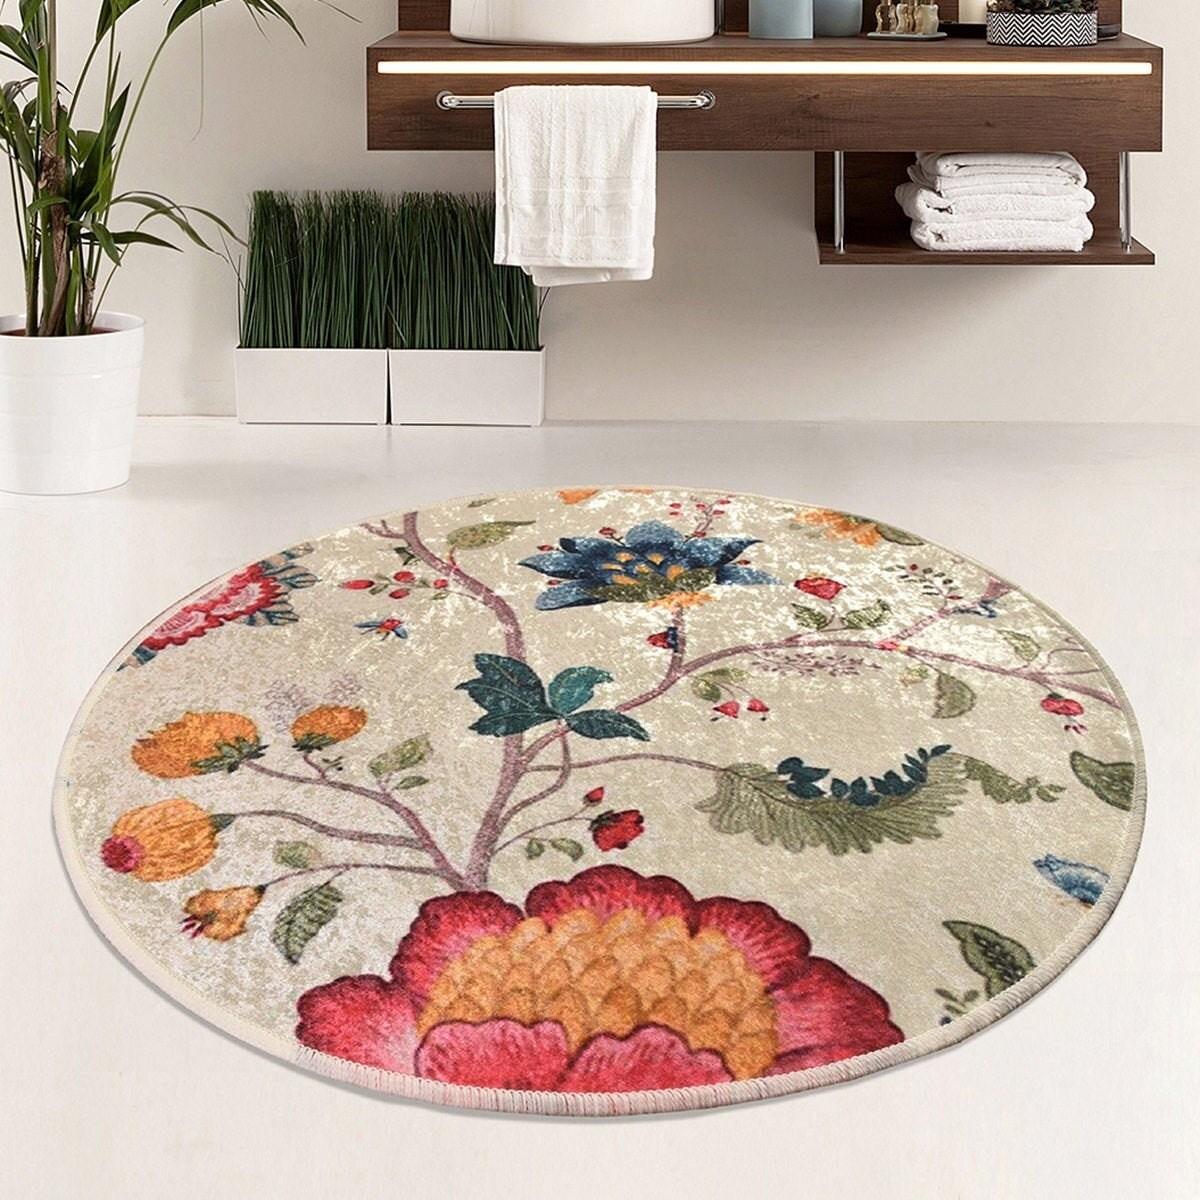 Area Rug Floor Mat Bathroom Circle, Circle Bathroom Rugs